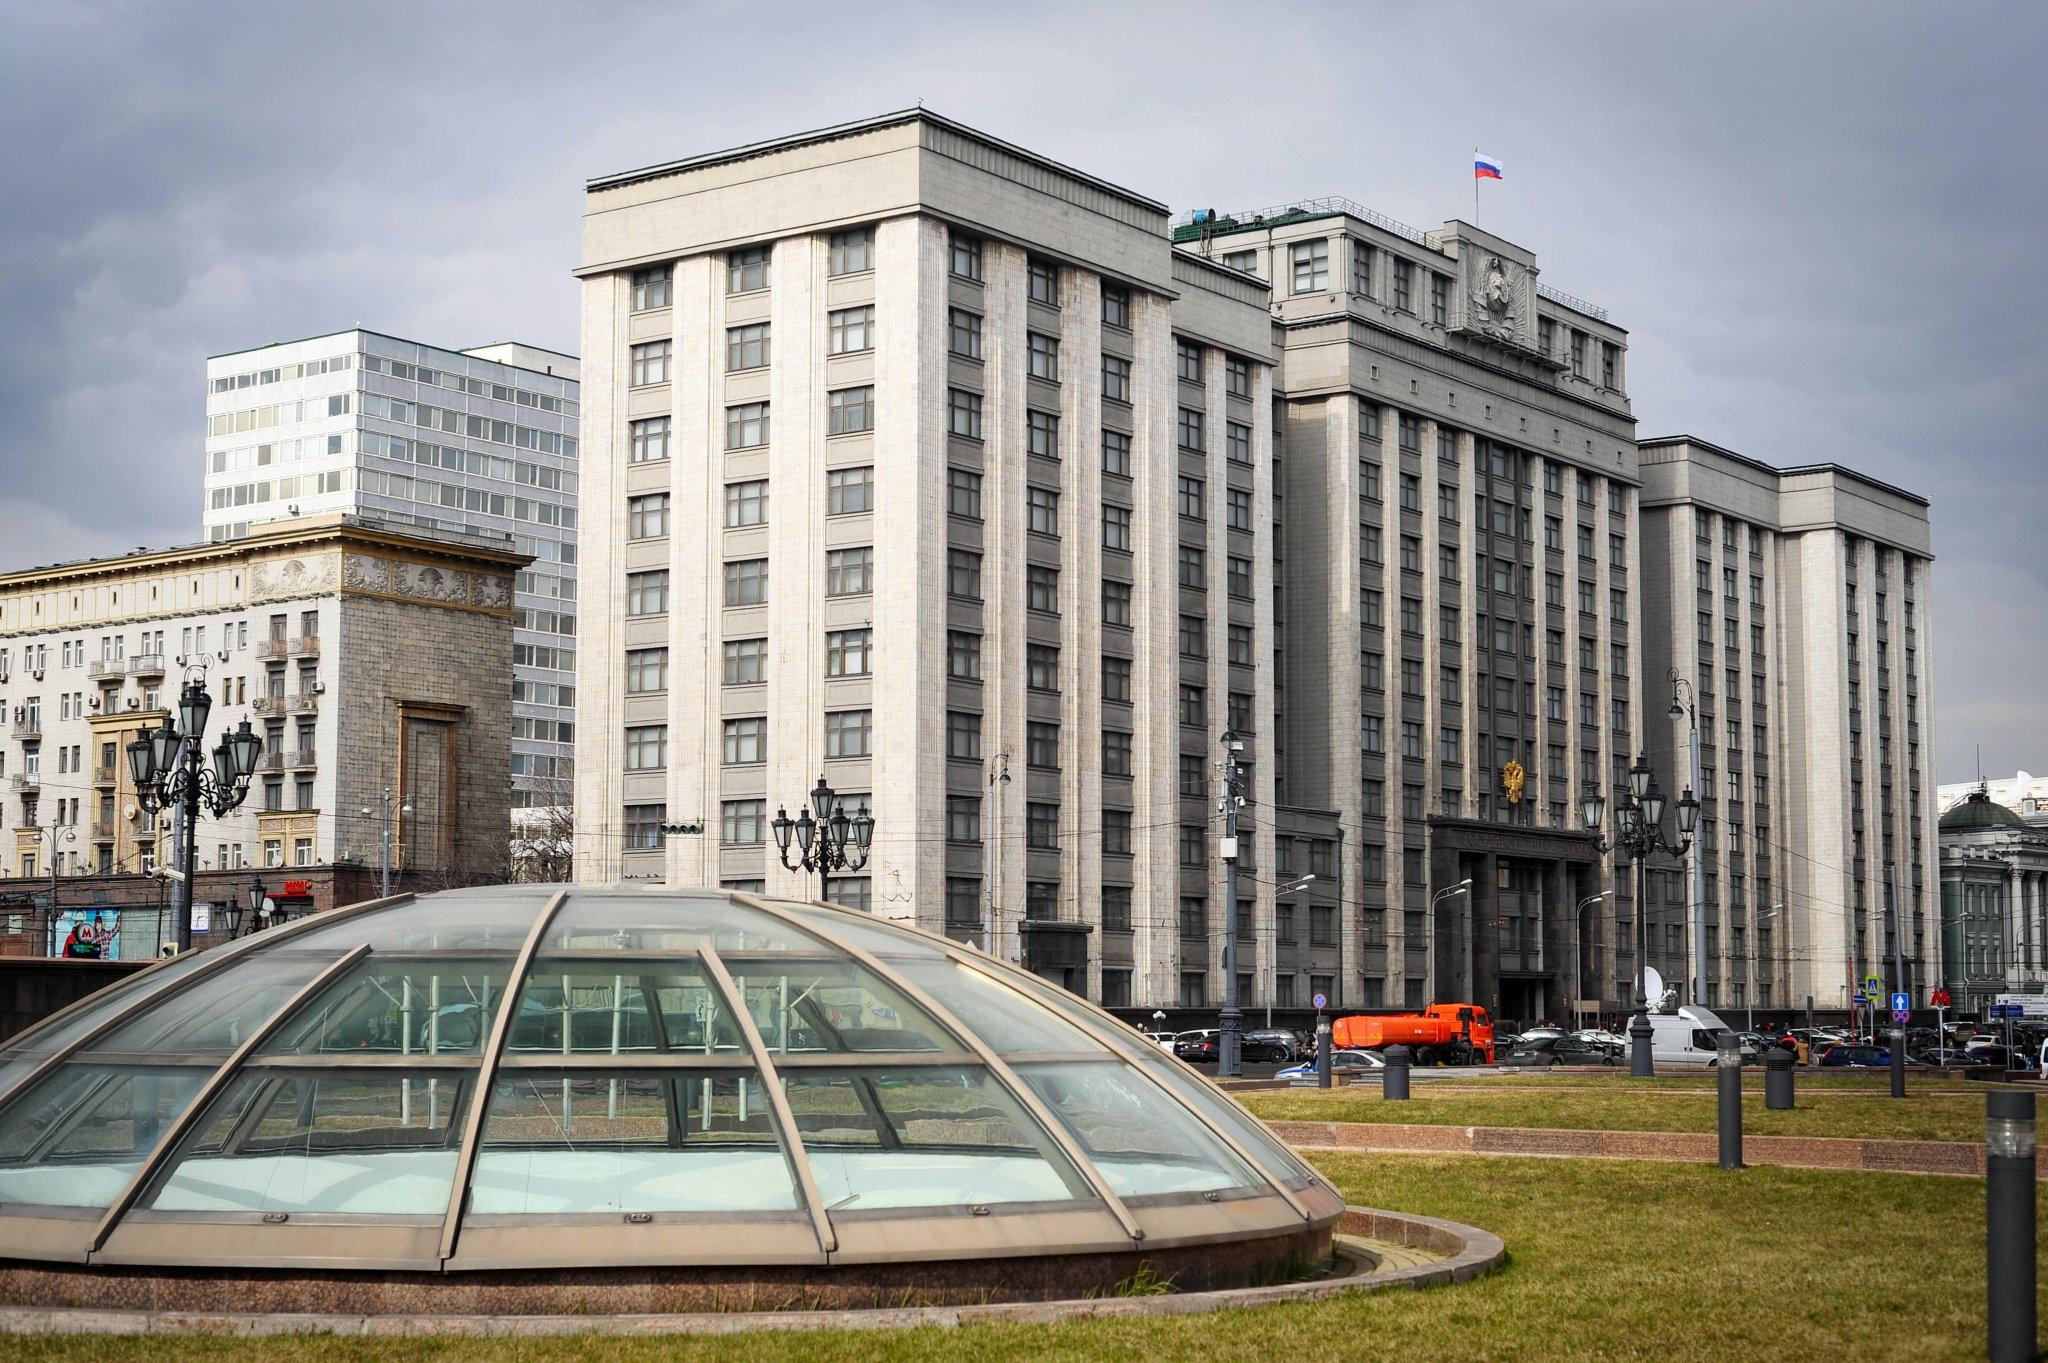 Депутаты рассмотрели поправки кабмина в Жилищный кодекс РФ